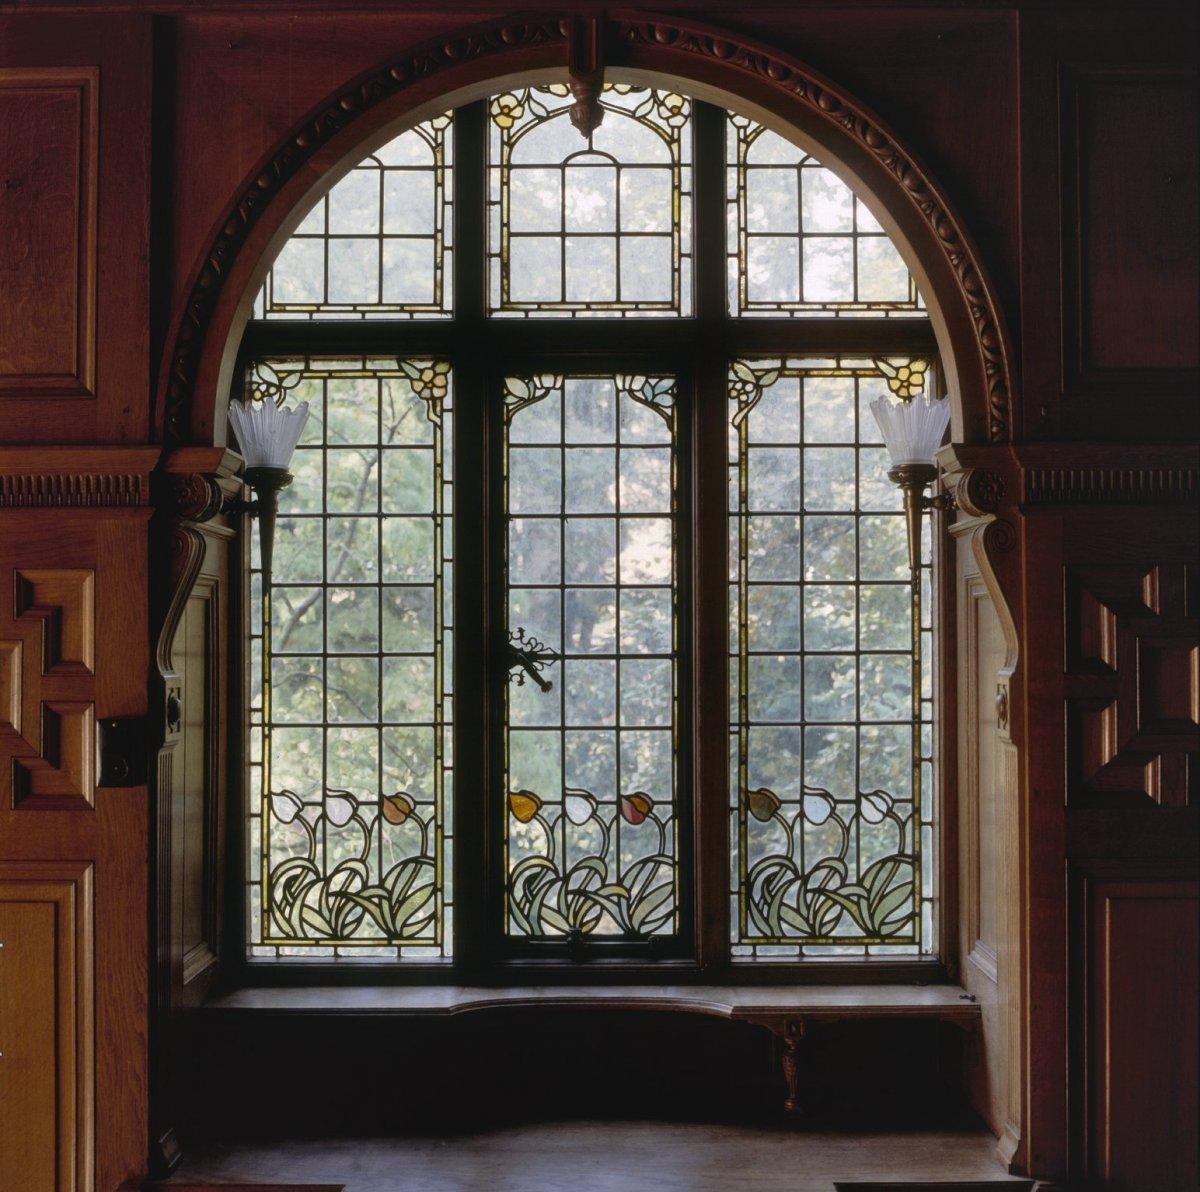 Bestand interieur aanzicht glas in loodraam amsterdam for Interieur amsterdam